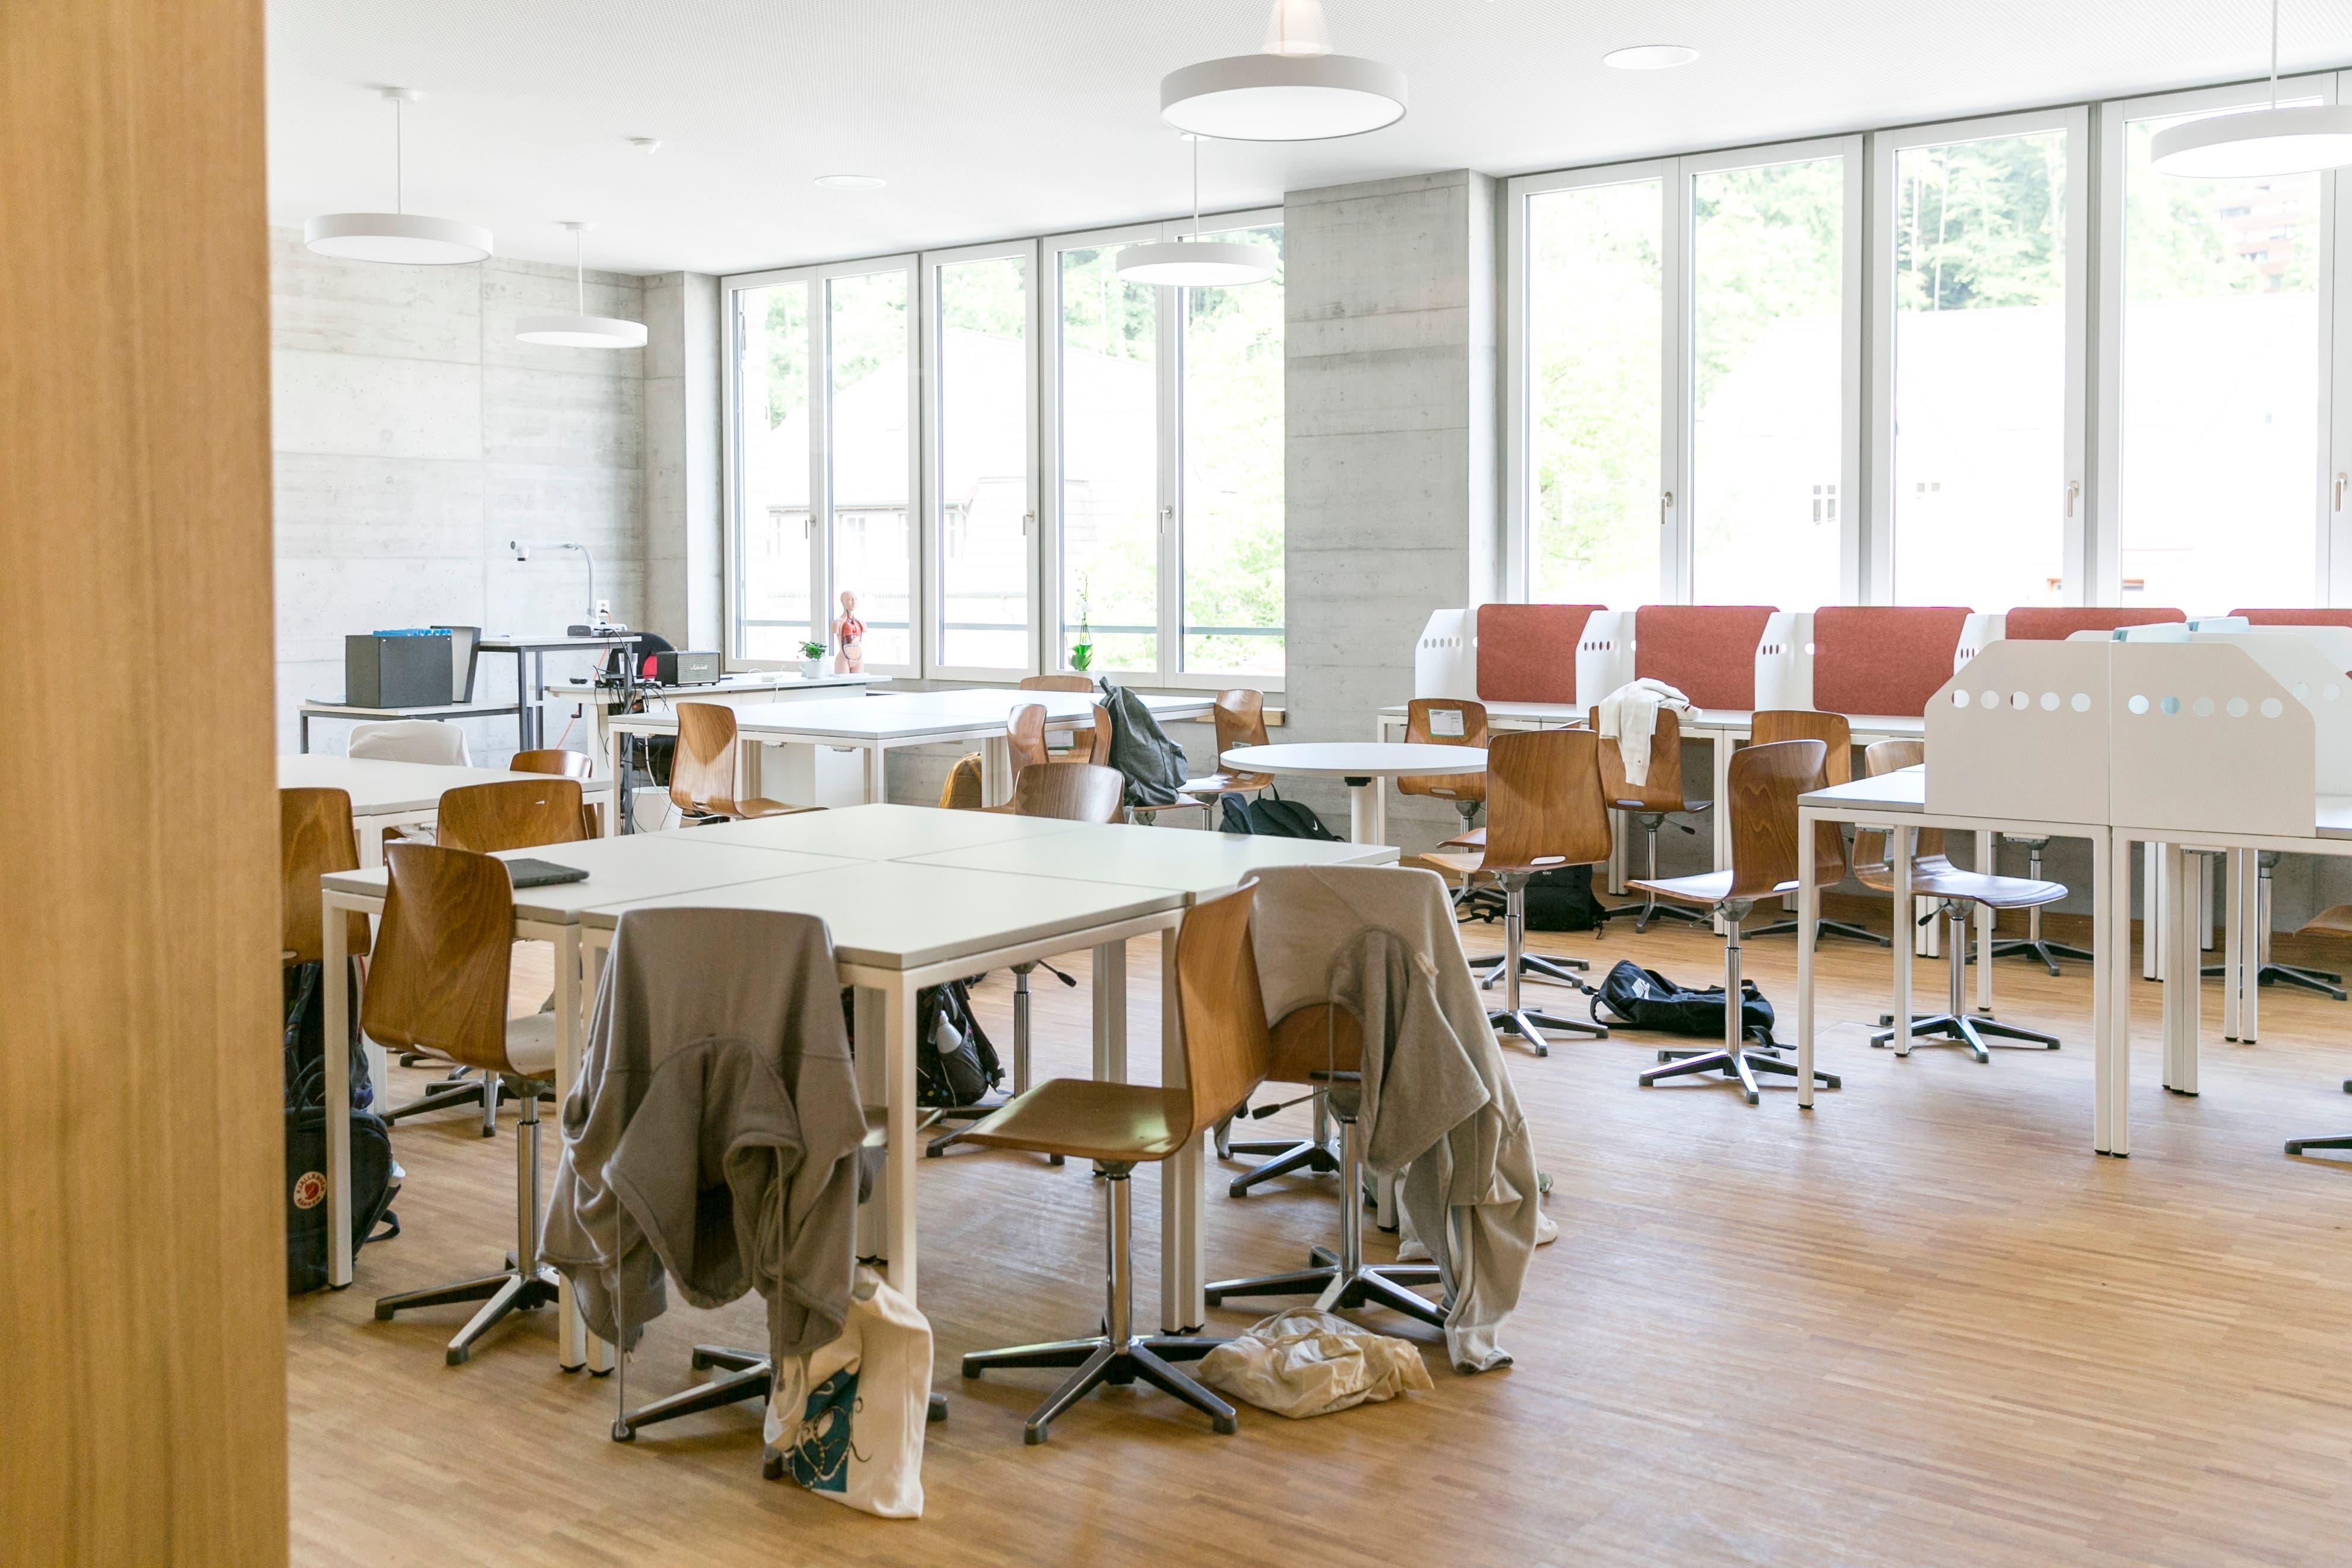 Einzelarbeitsplätze mit roten Filzmatten und Trennwänden können Schülerinnen und Schüler nach Belieben einrichten – und dort selbstständig arbeiten.